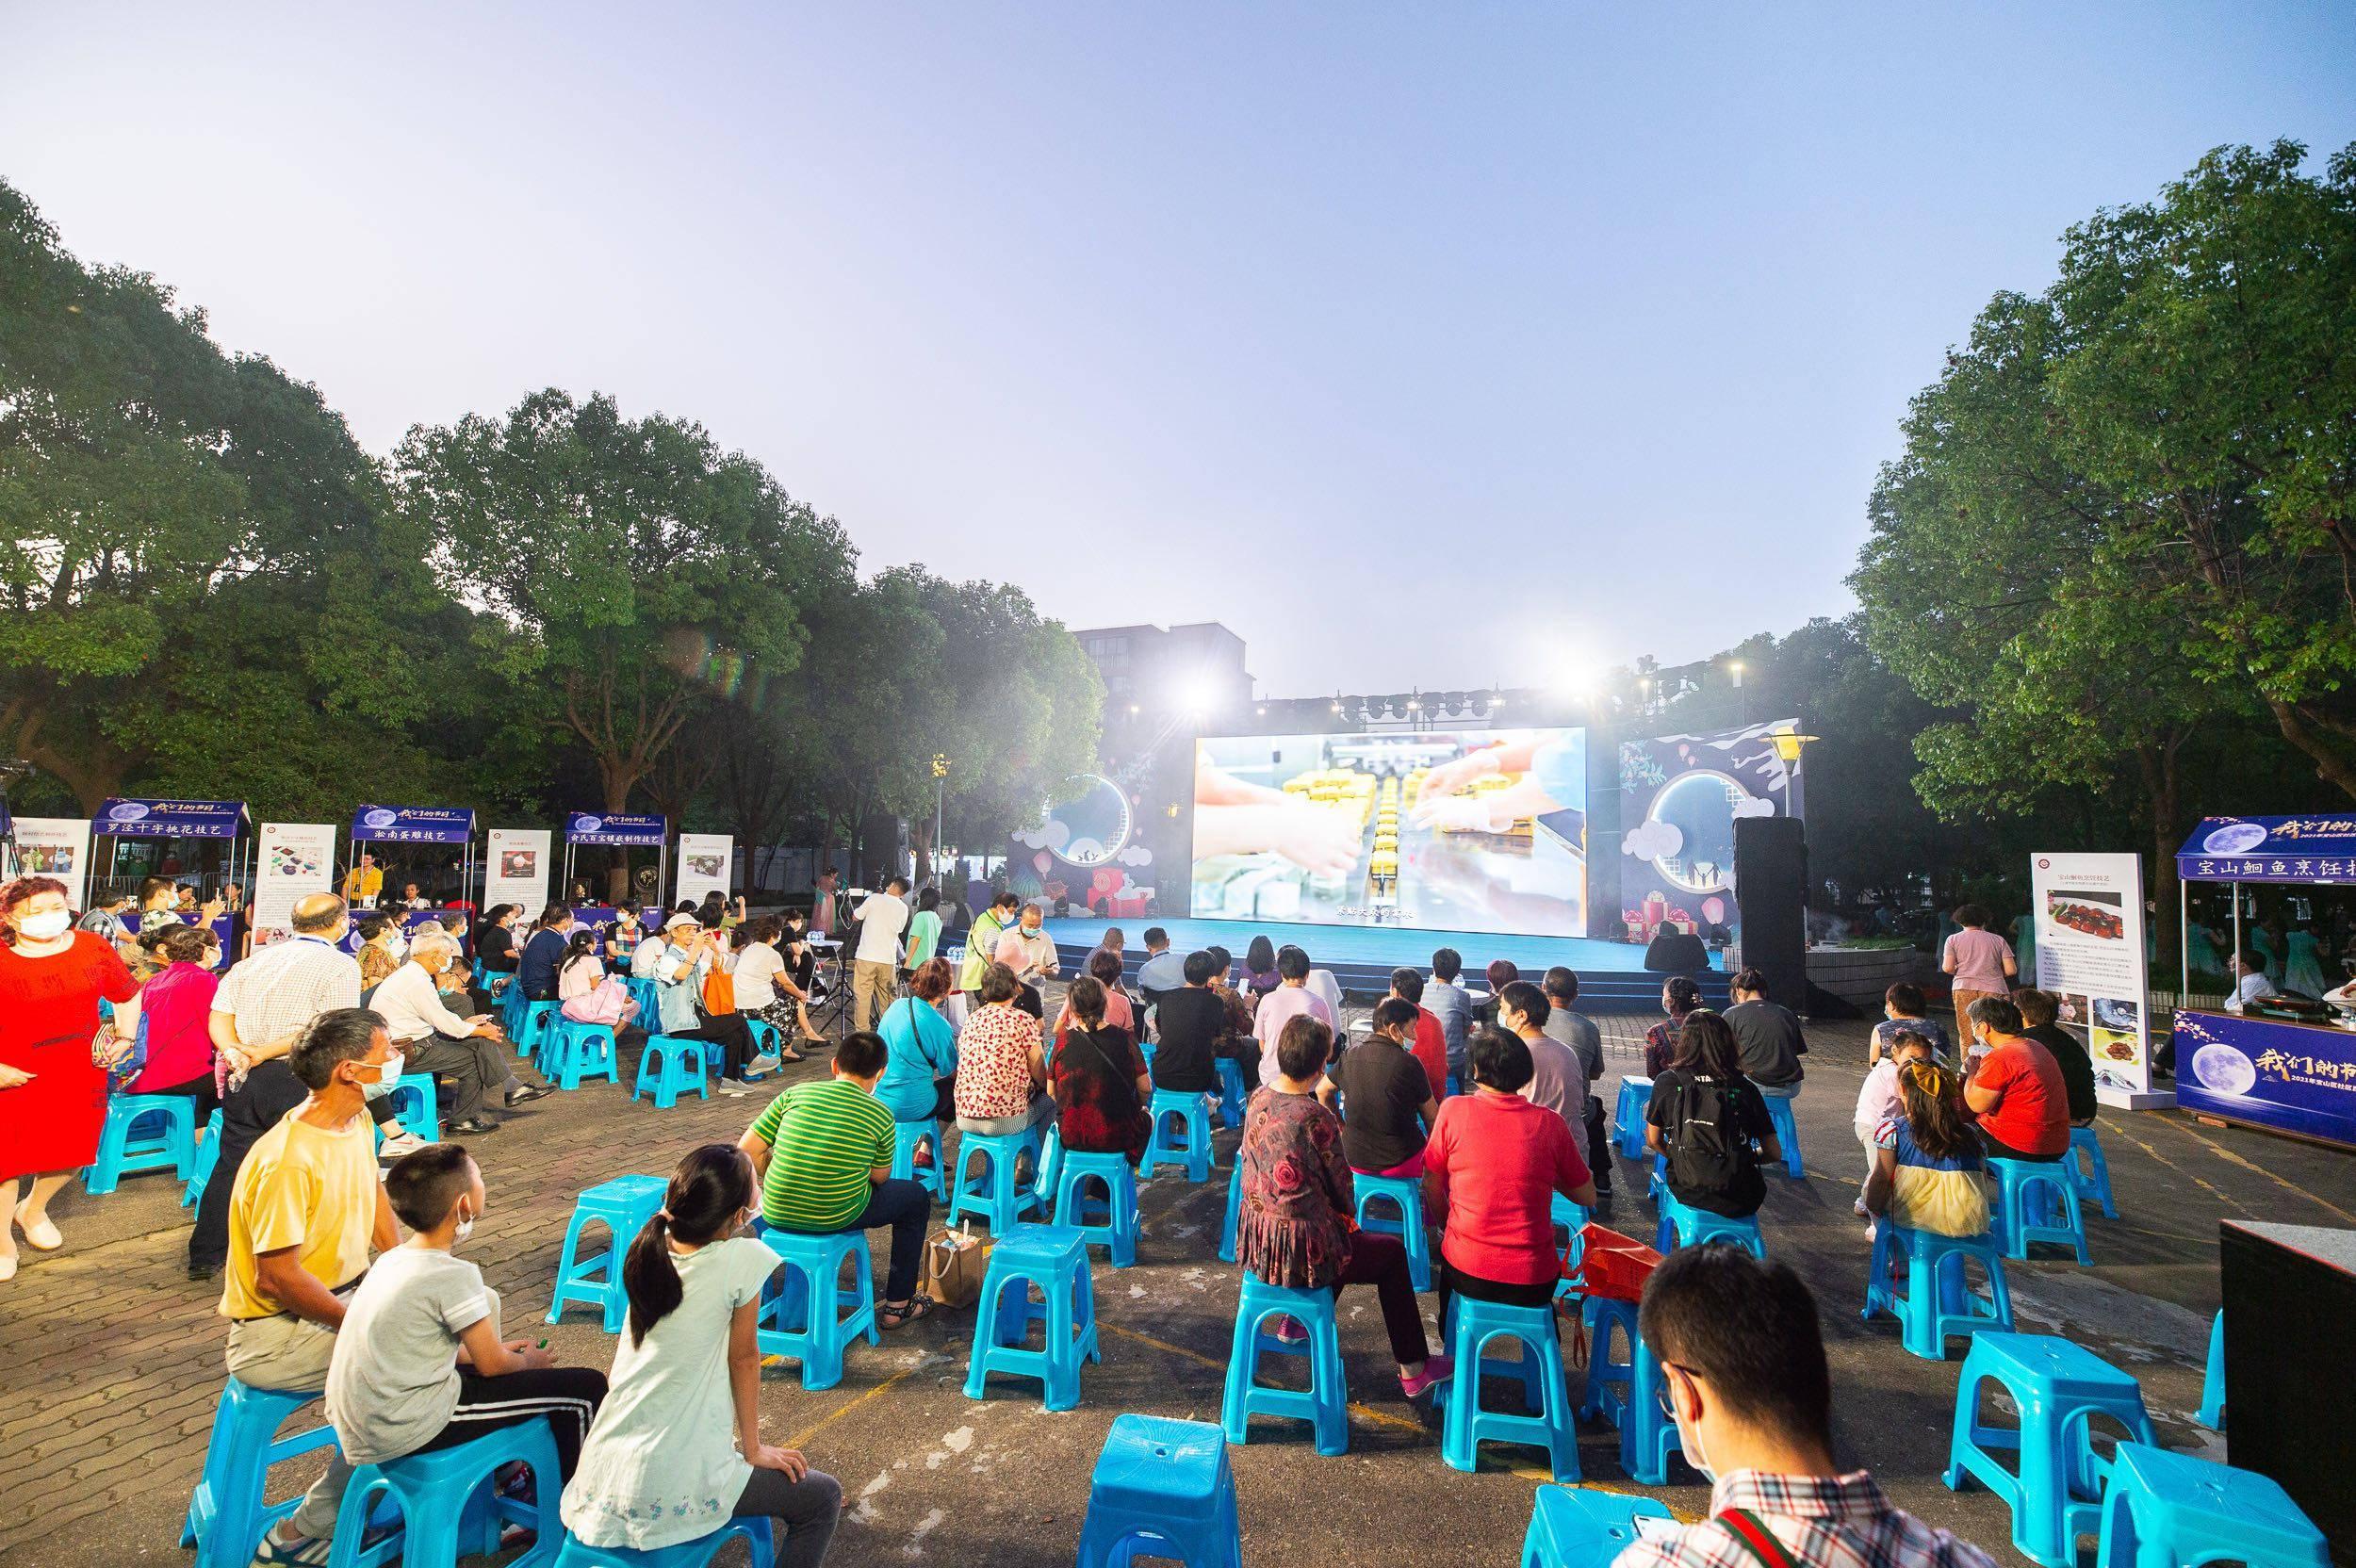 中秋月圆夜,这场在居委广场举行的民俗文化展演暖人心